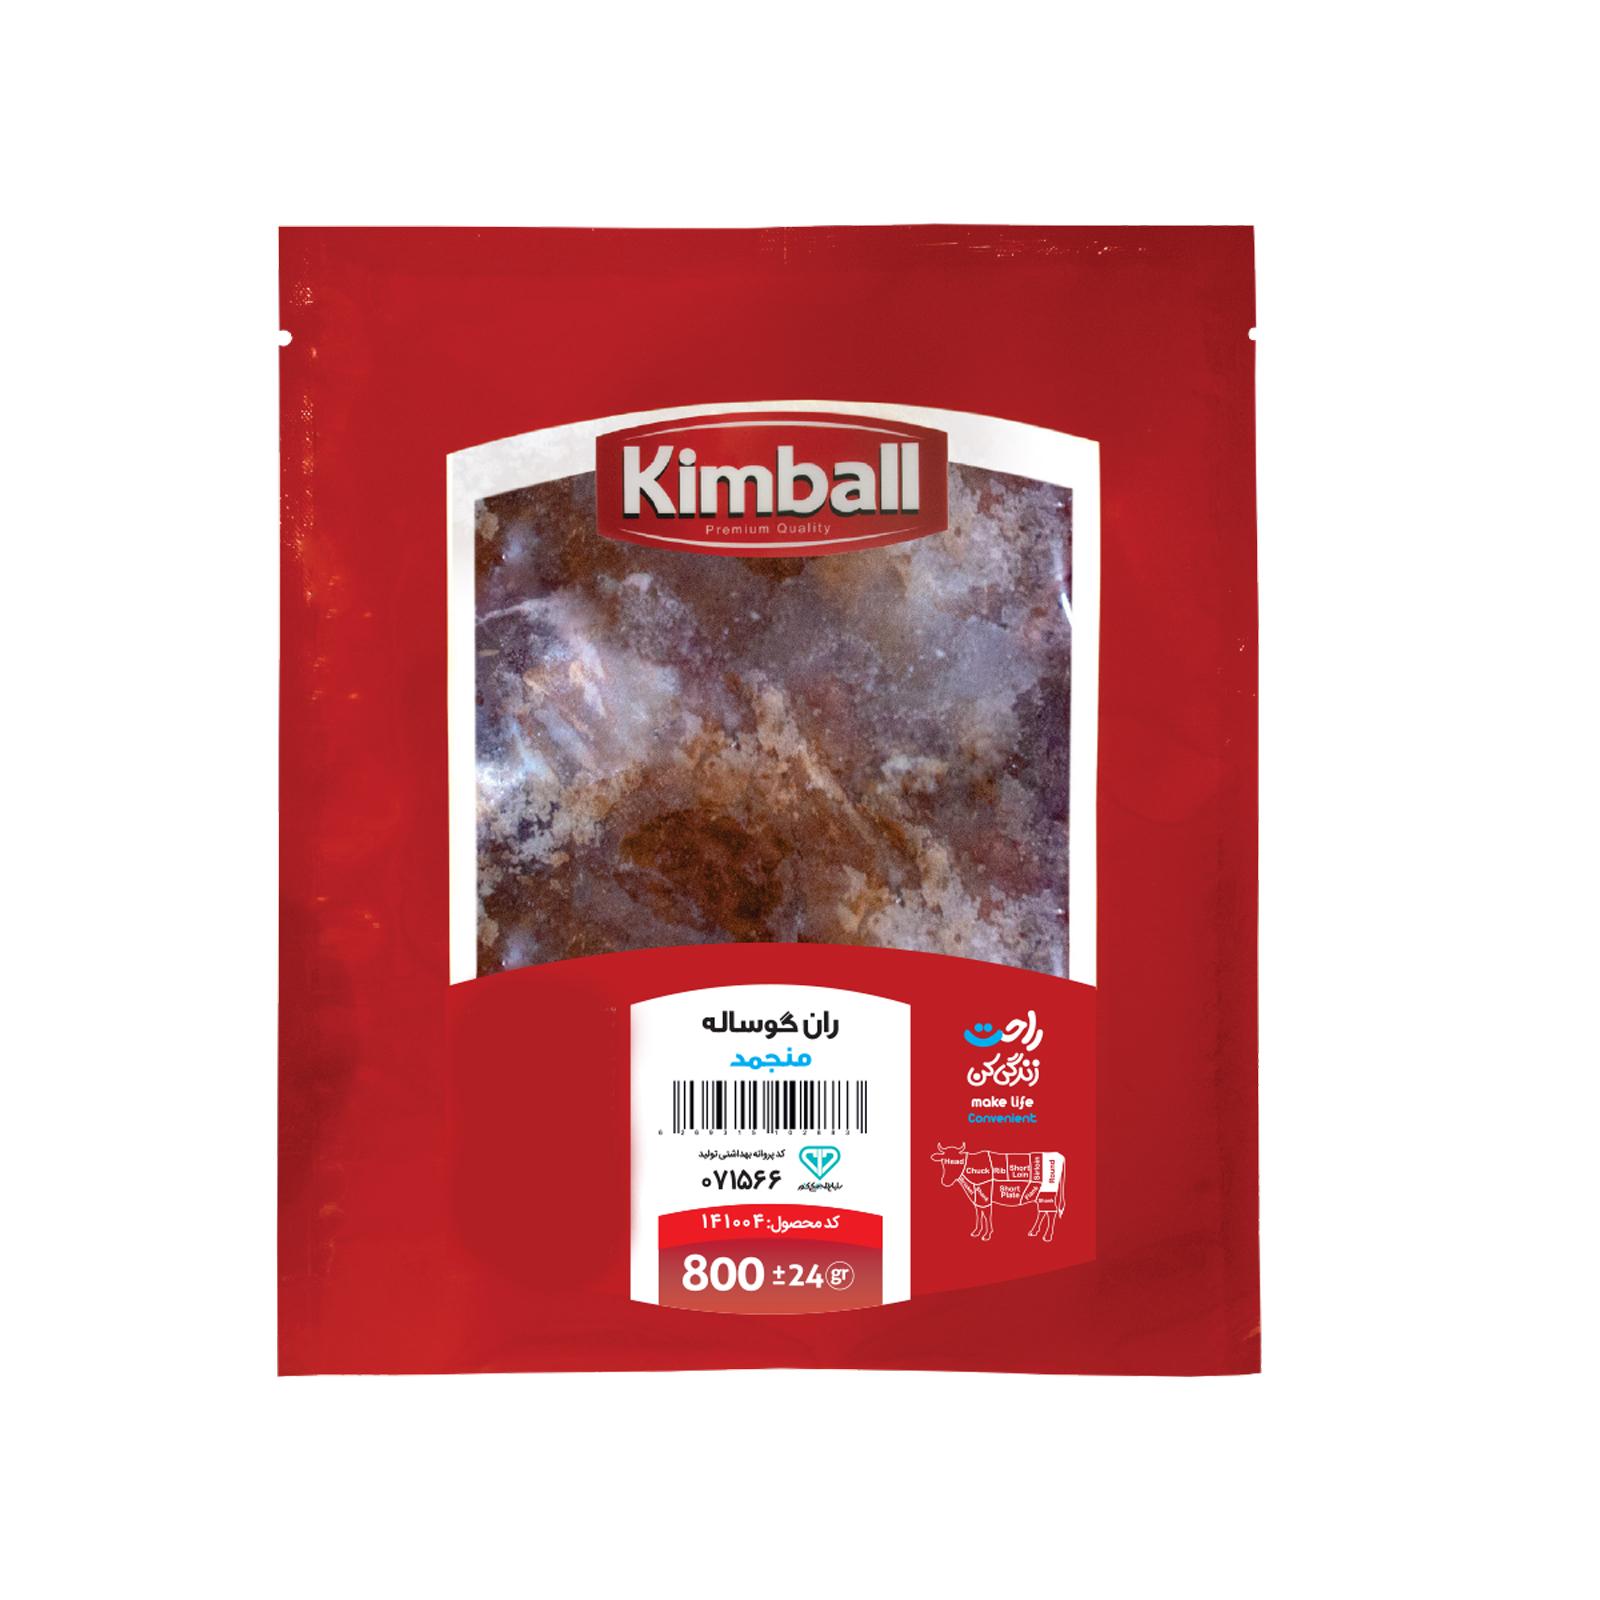 گوشت ران منجمد گوساله کیمبال - 800 گرم